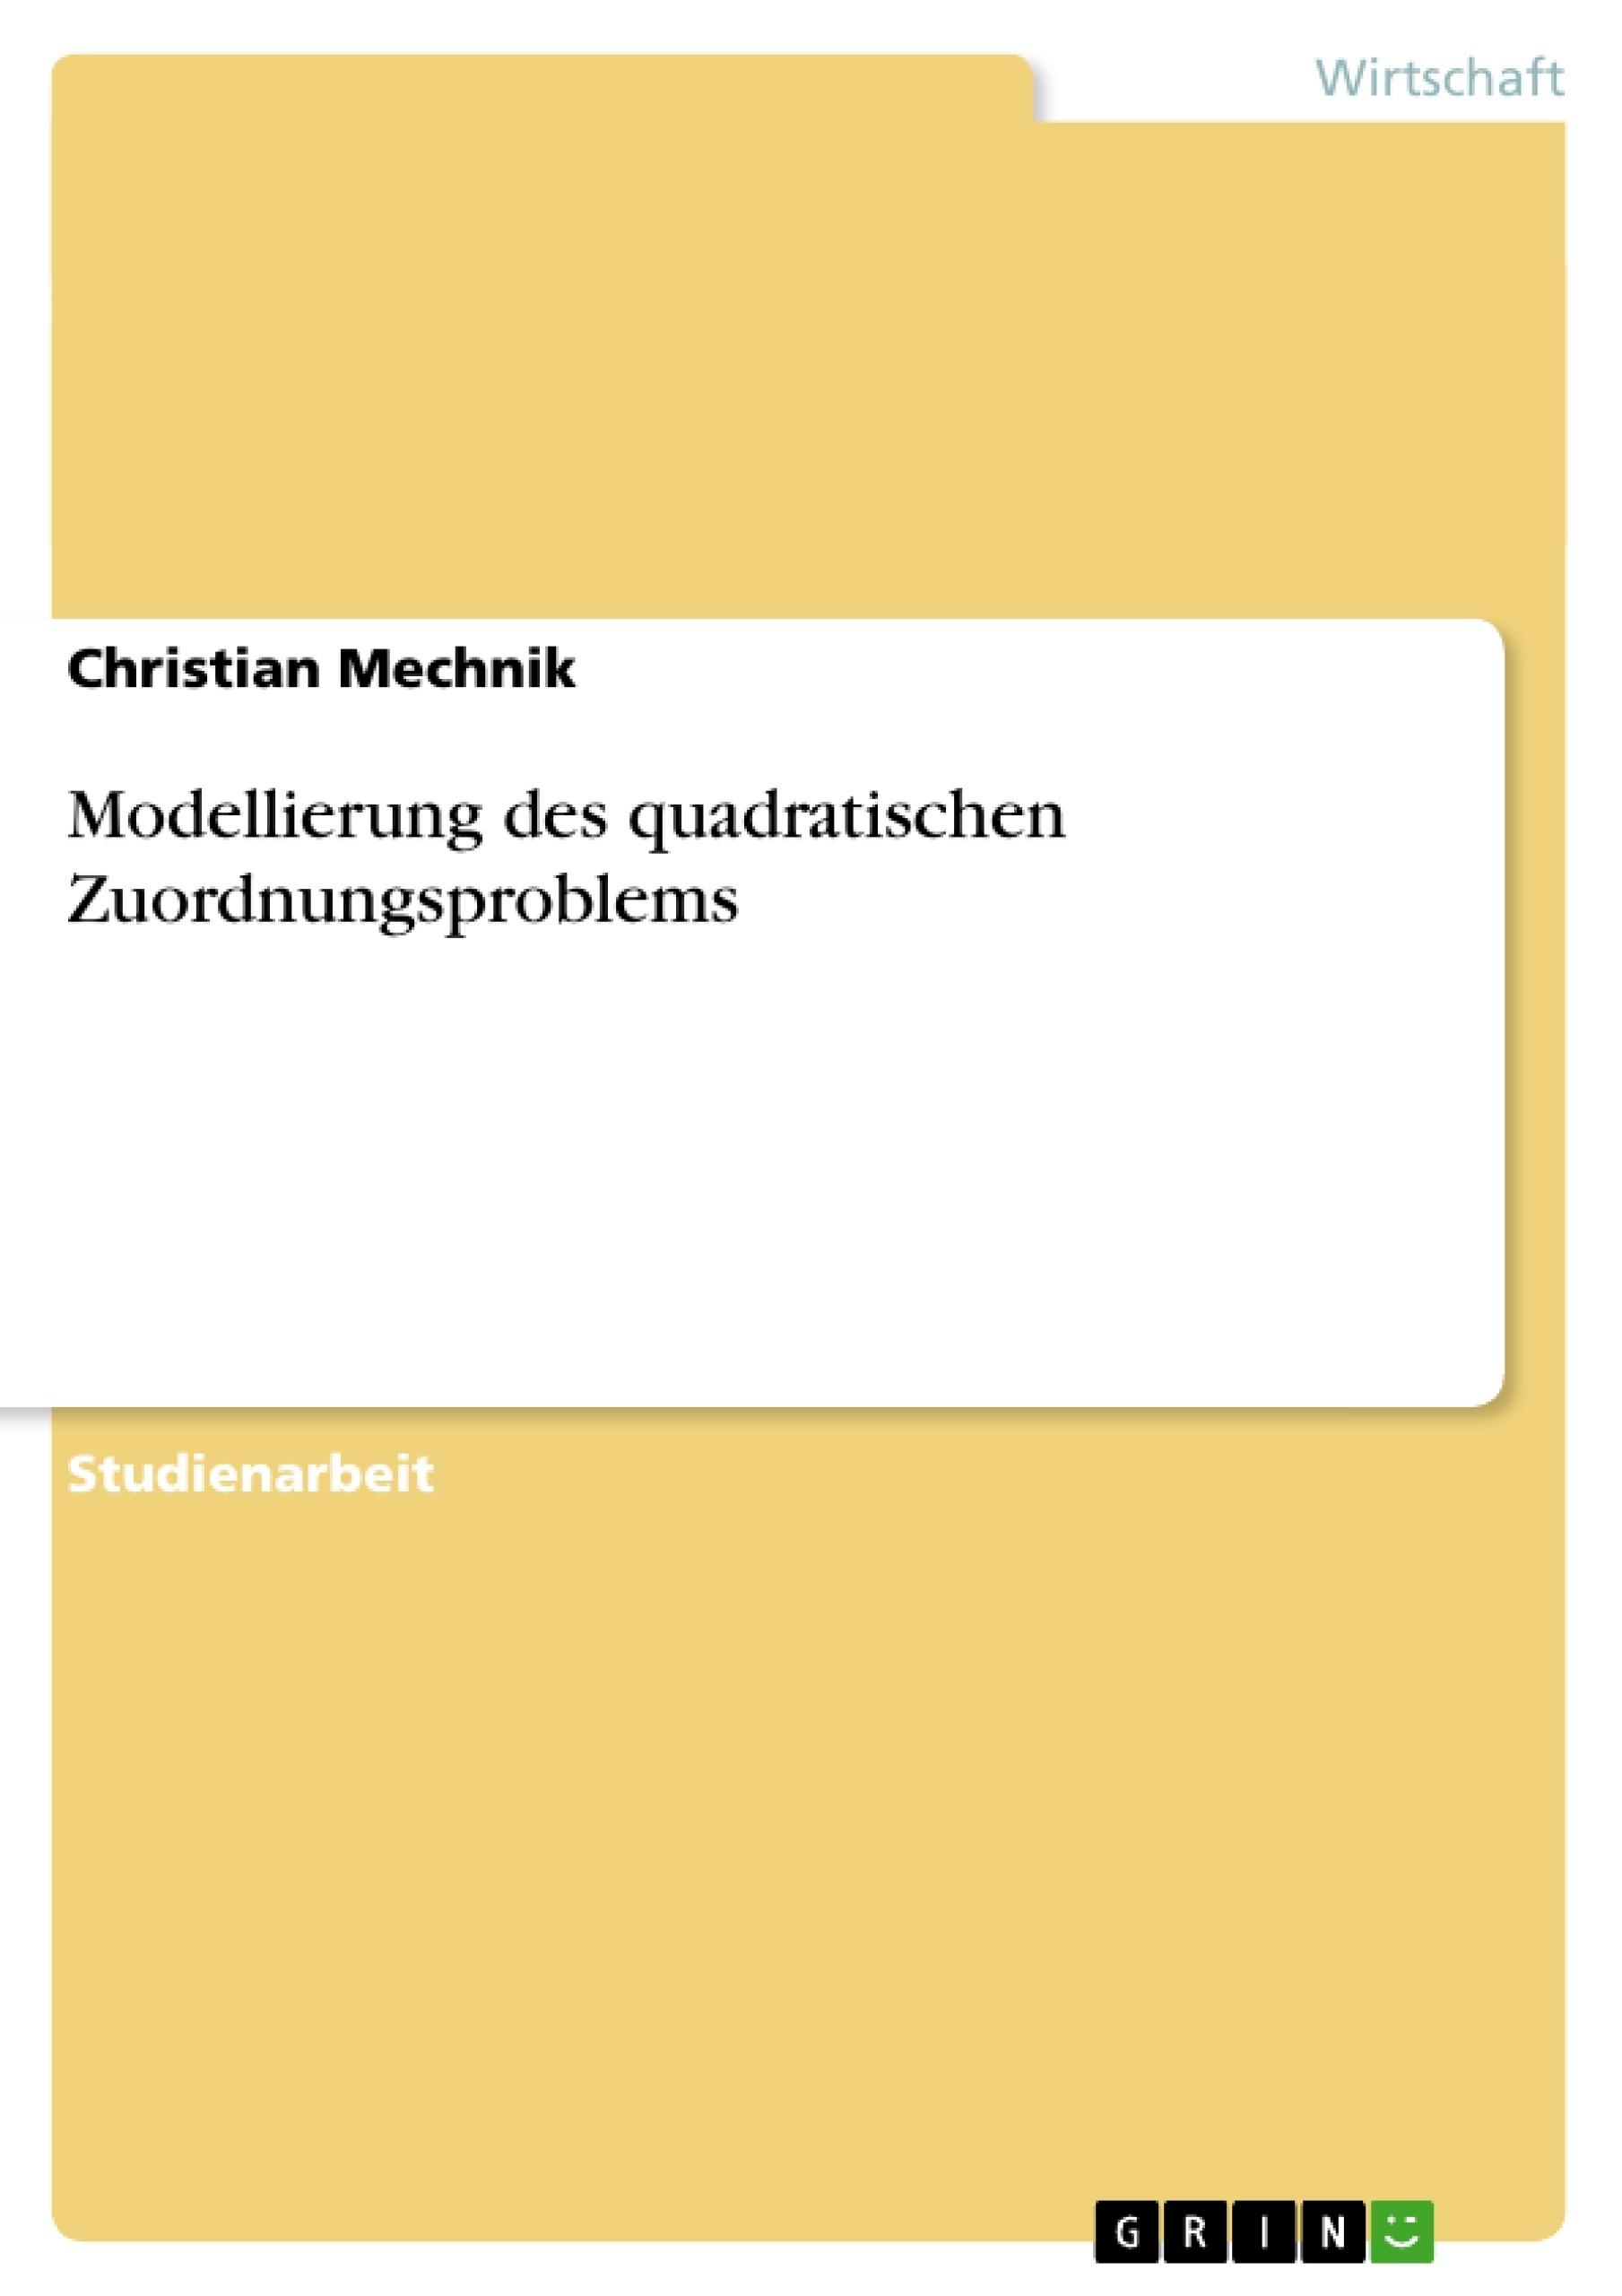 Titel: Modellierung des quadratischen Zuordnungsproblems